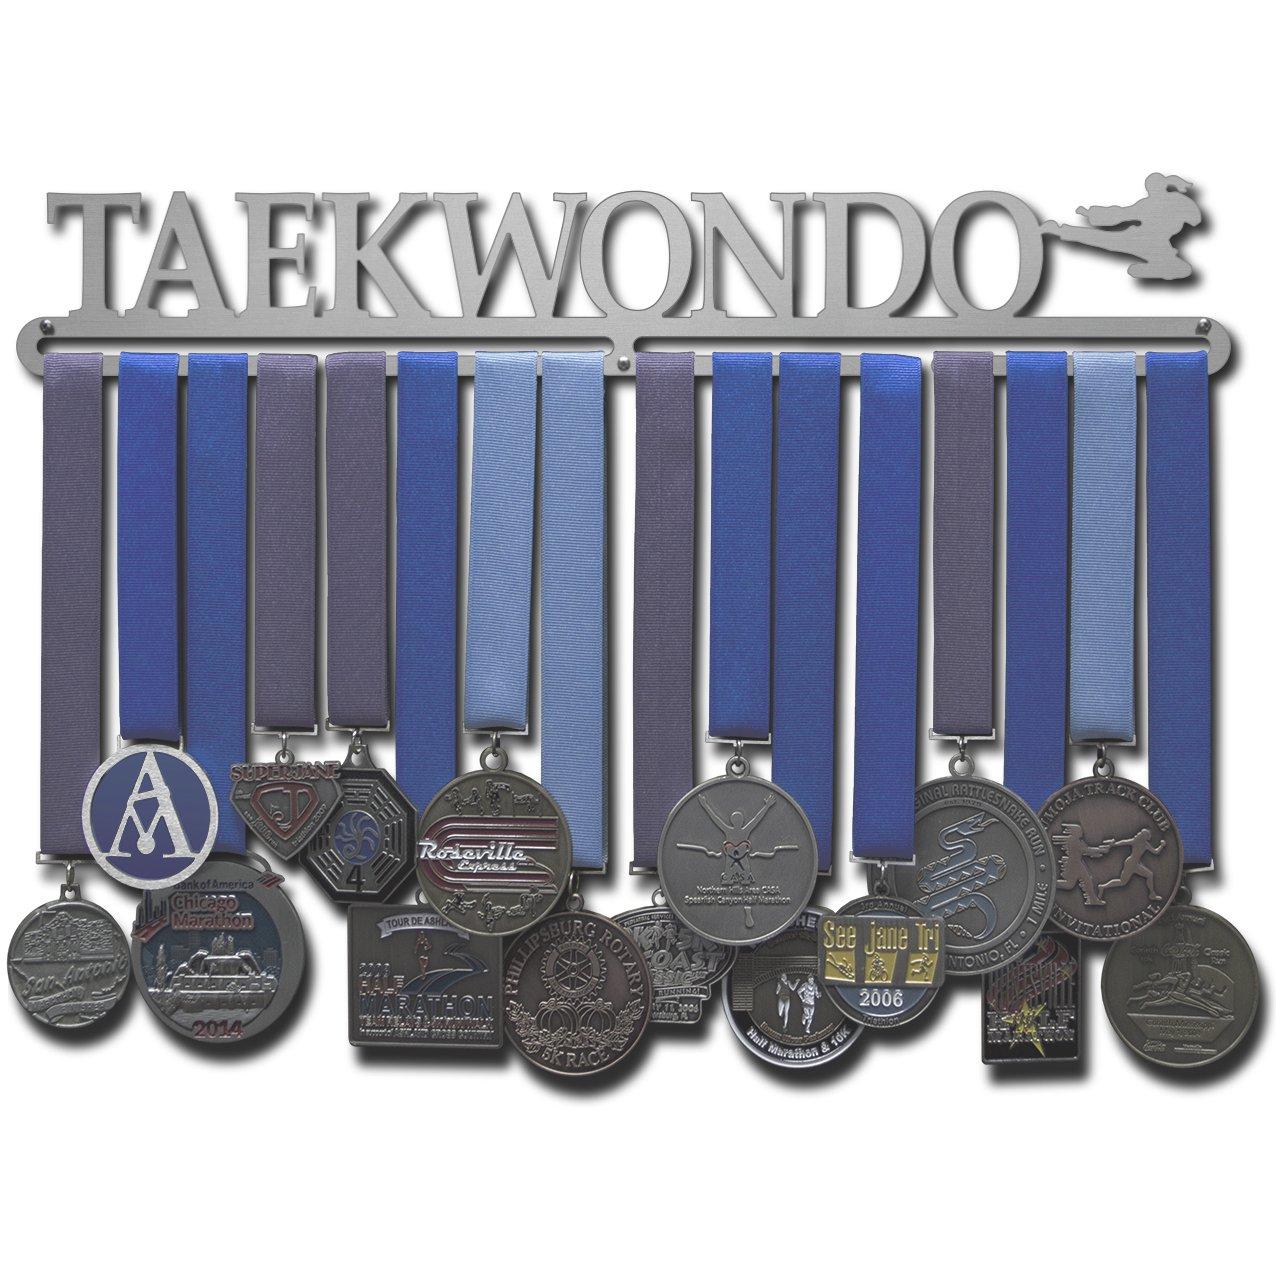 アライドメダルハンガー テコンドー 男性または女性のフィギュア 複数サイズ展開 格闘技MMAメダルハンガー。 B07F45N2M5  幅18インチ 吊り下げ用バー1本(女性のシルエット)